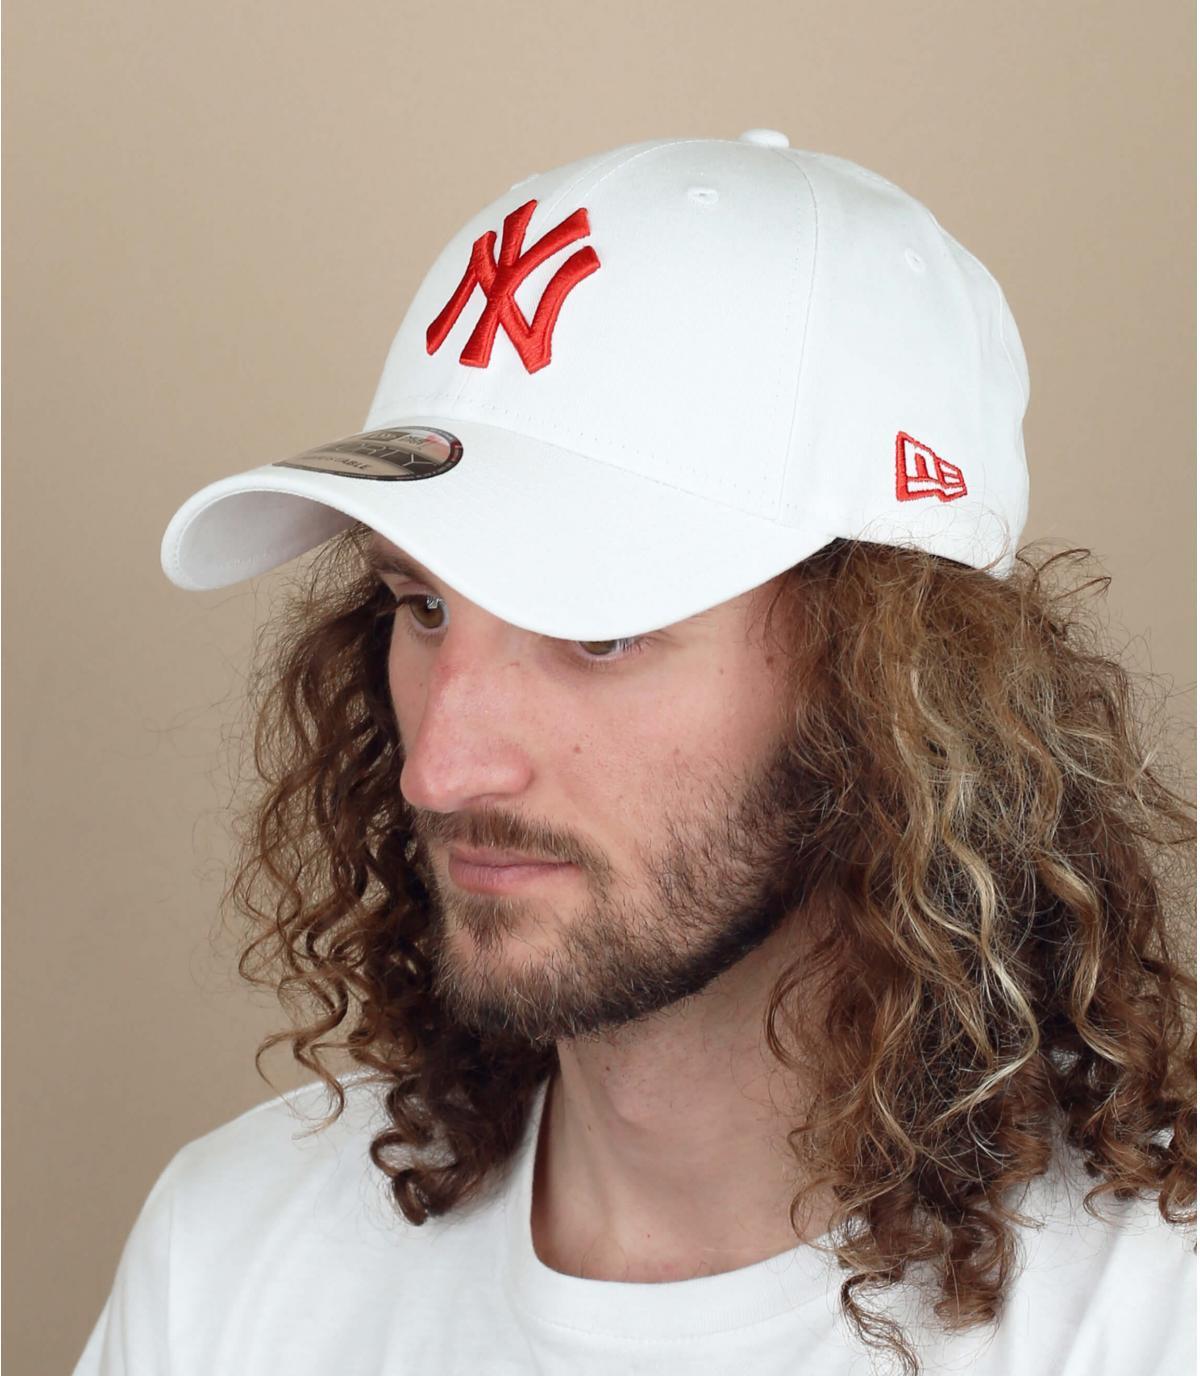 NY cap wit rood